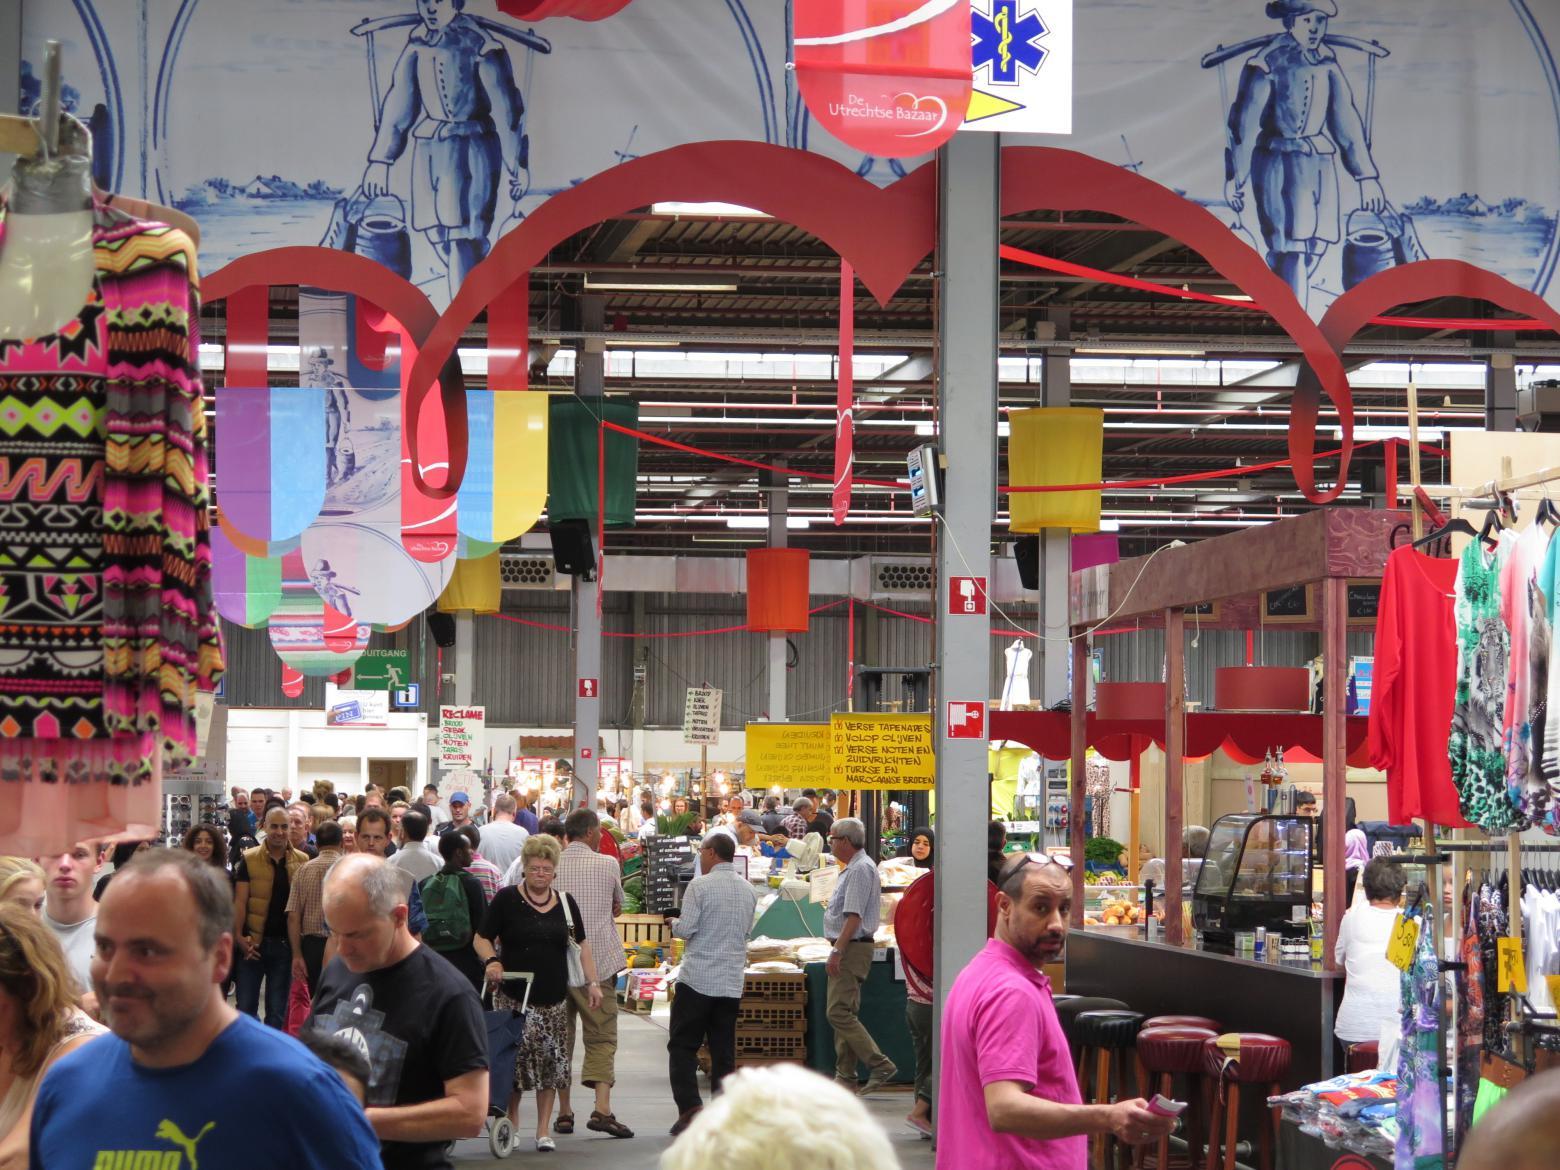 Utrechtse Bazaar